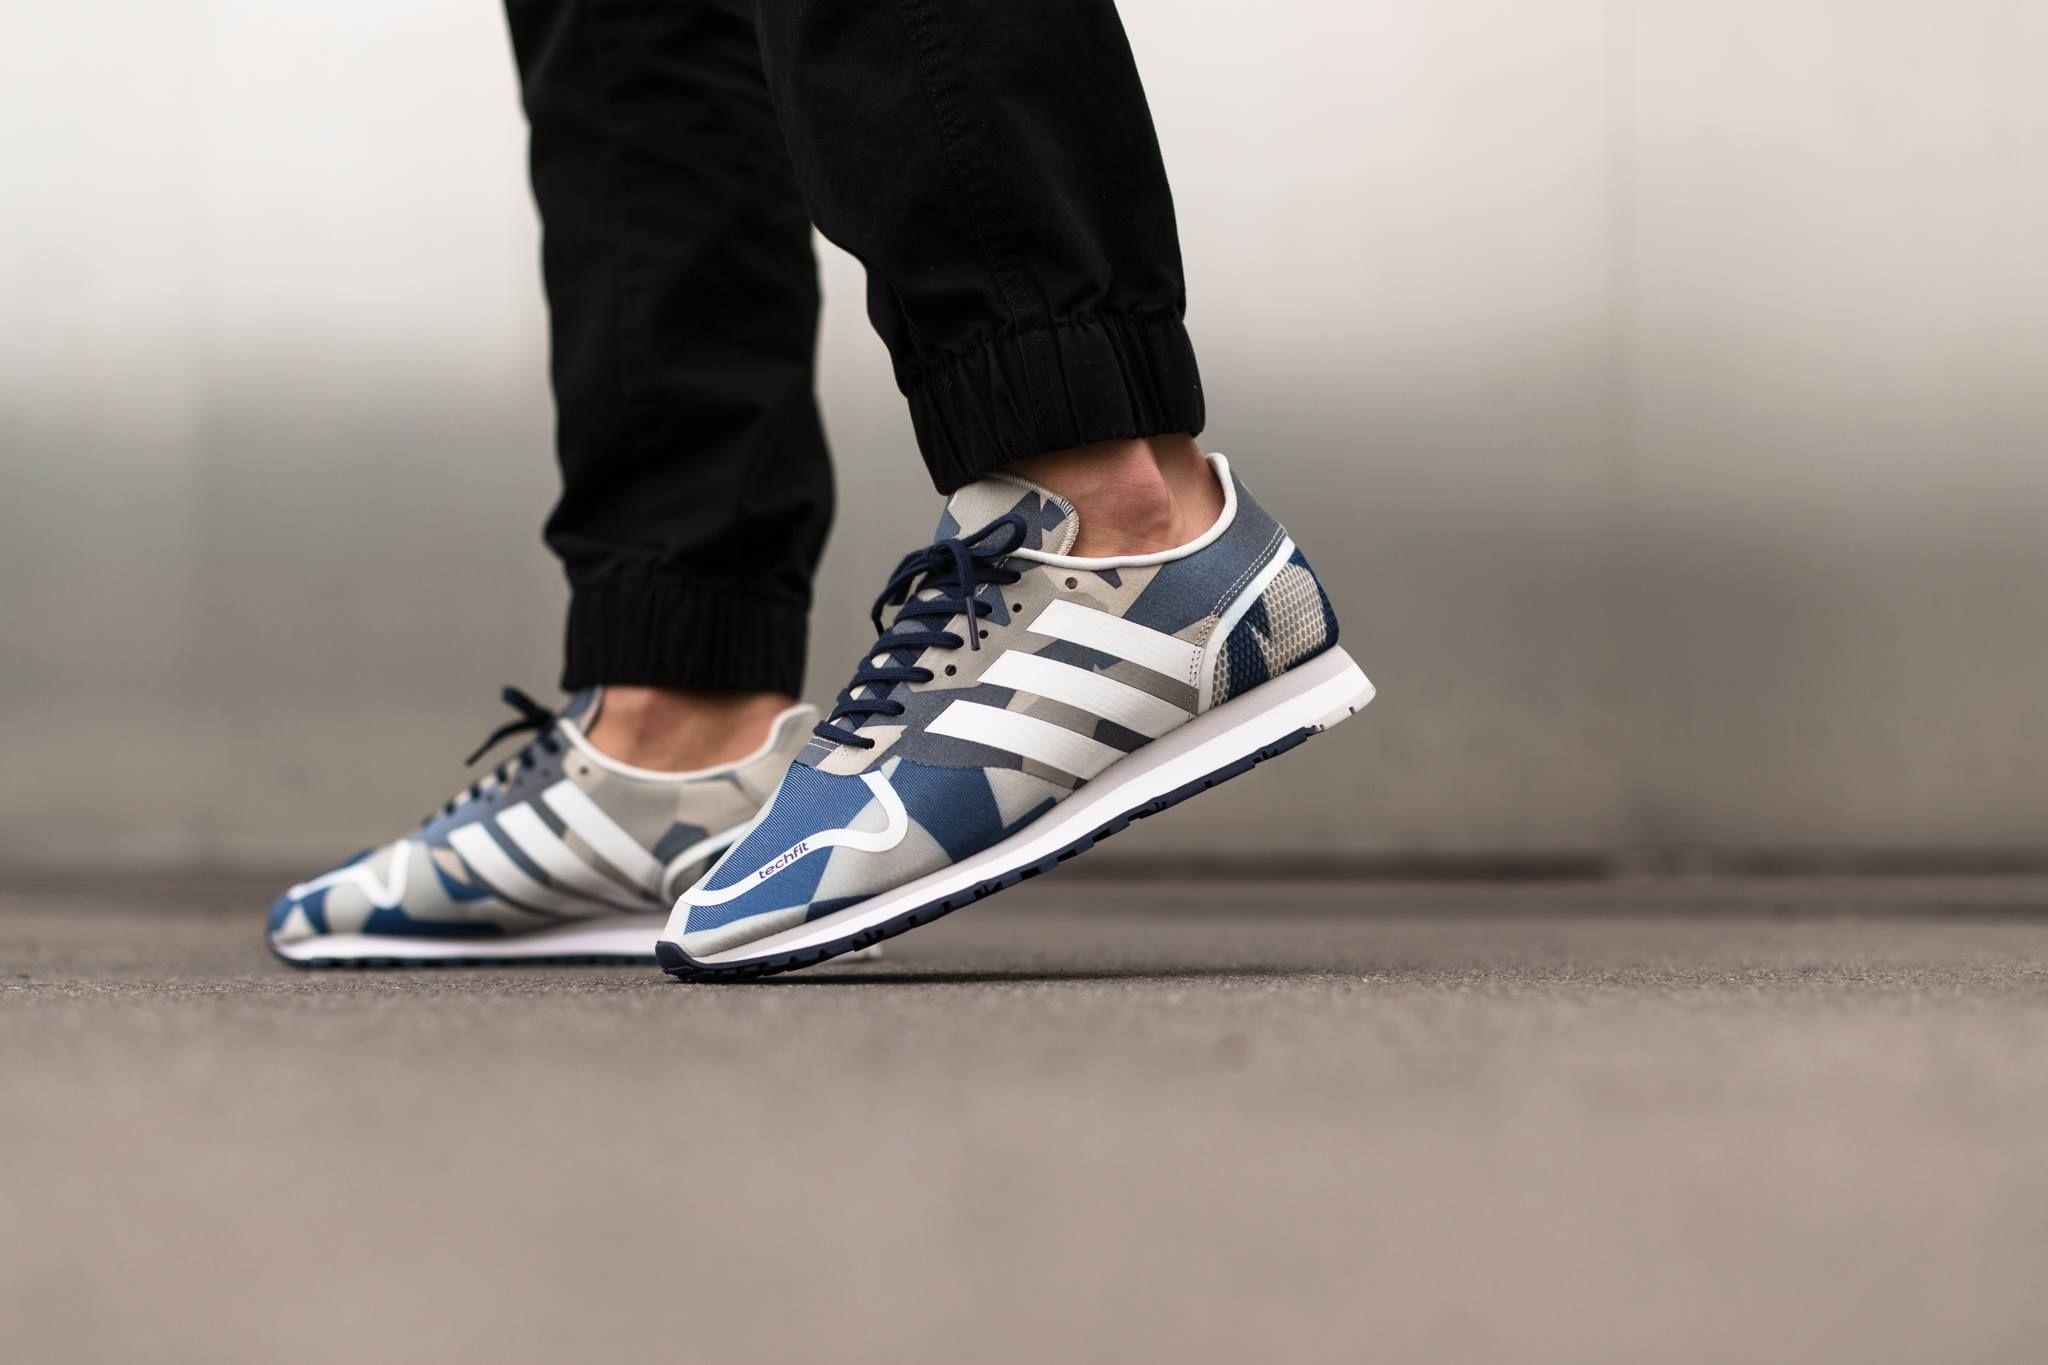 Authentic Discount Adidas Consortium Techfit Shoes cheap outlet online